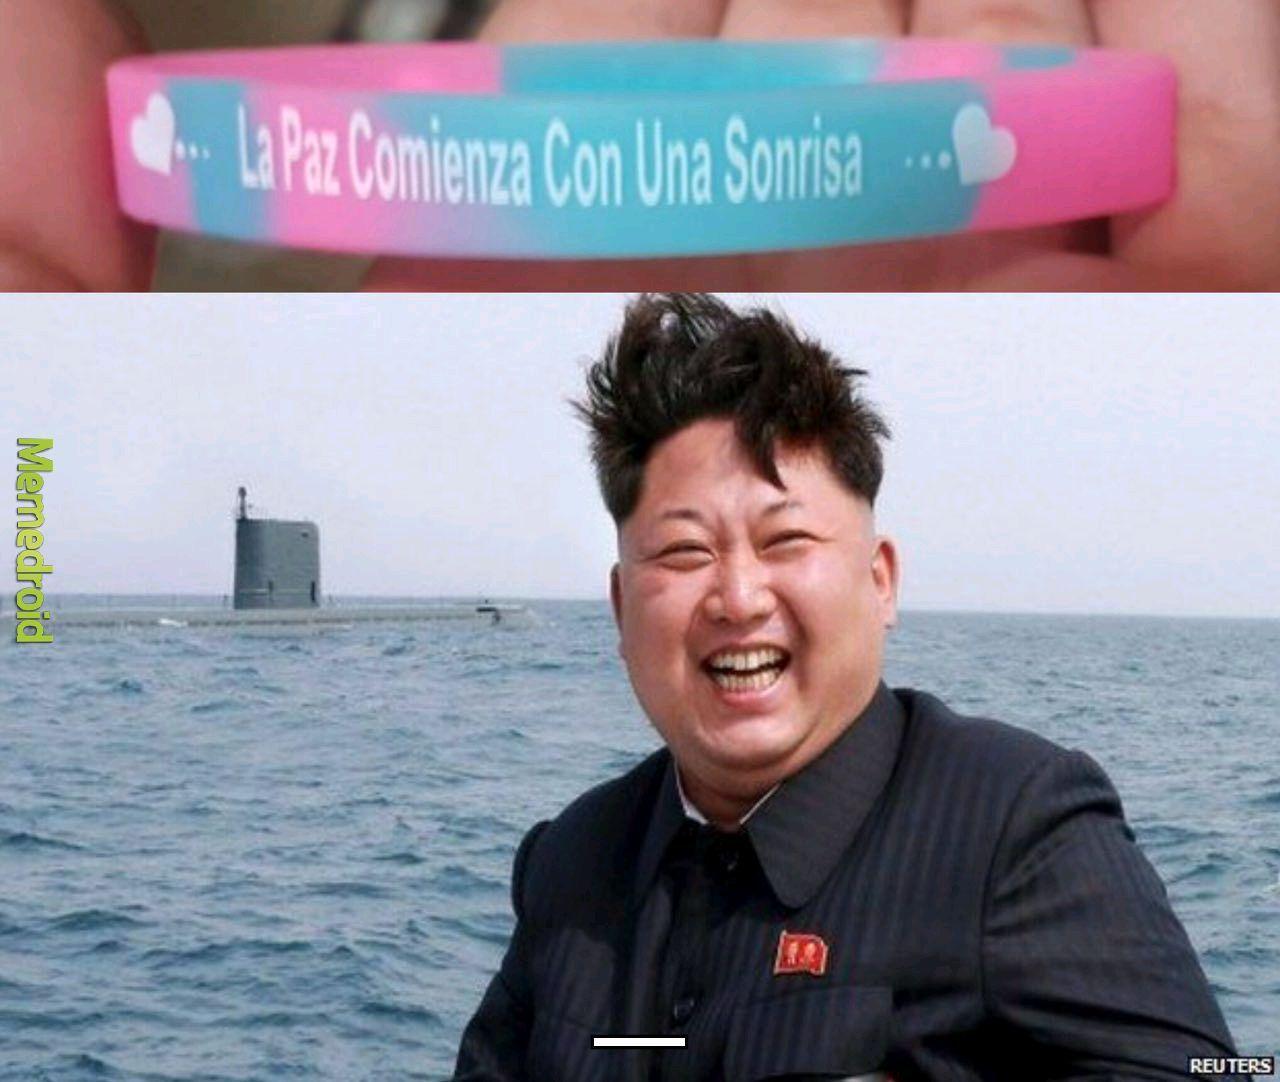 Paz - meme